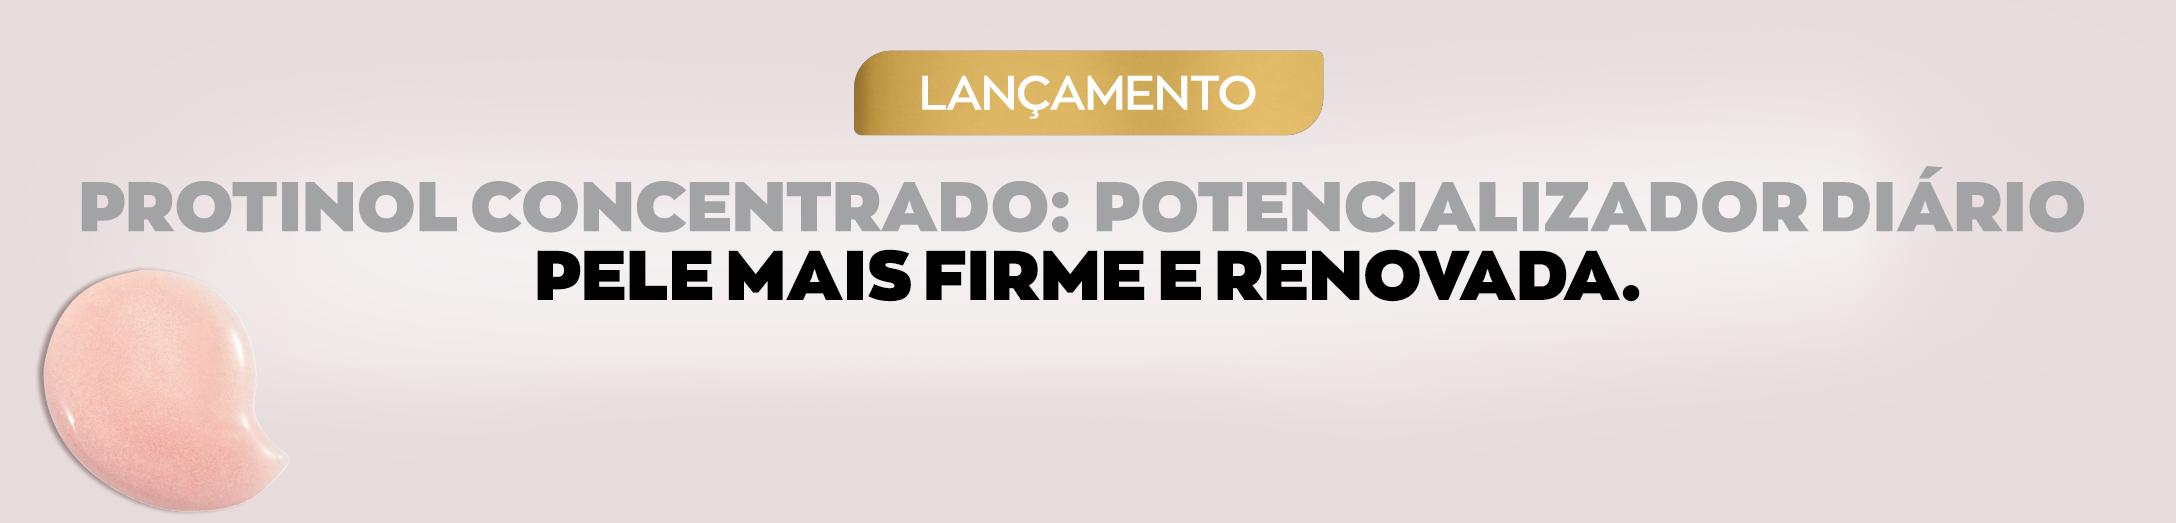 Banner Títulos Potencializador Diário